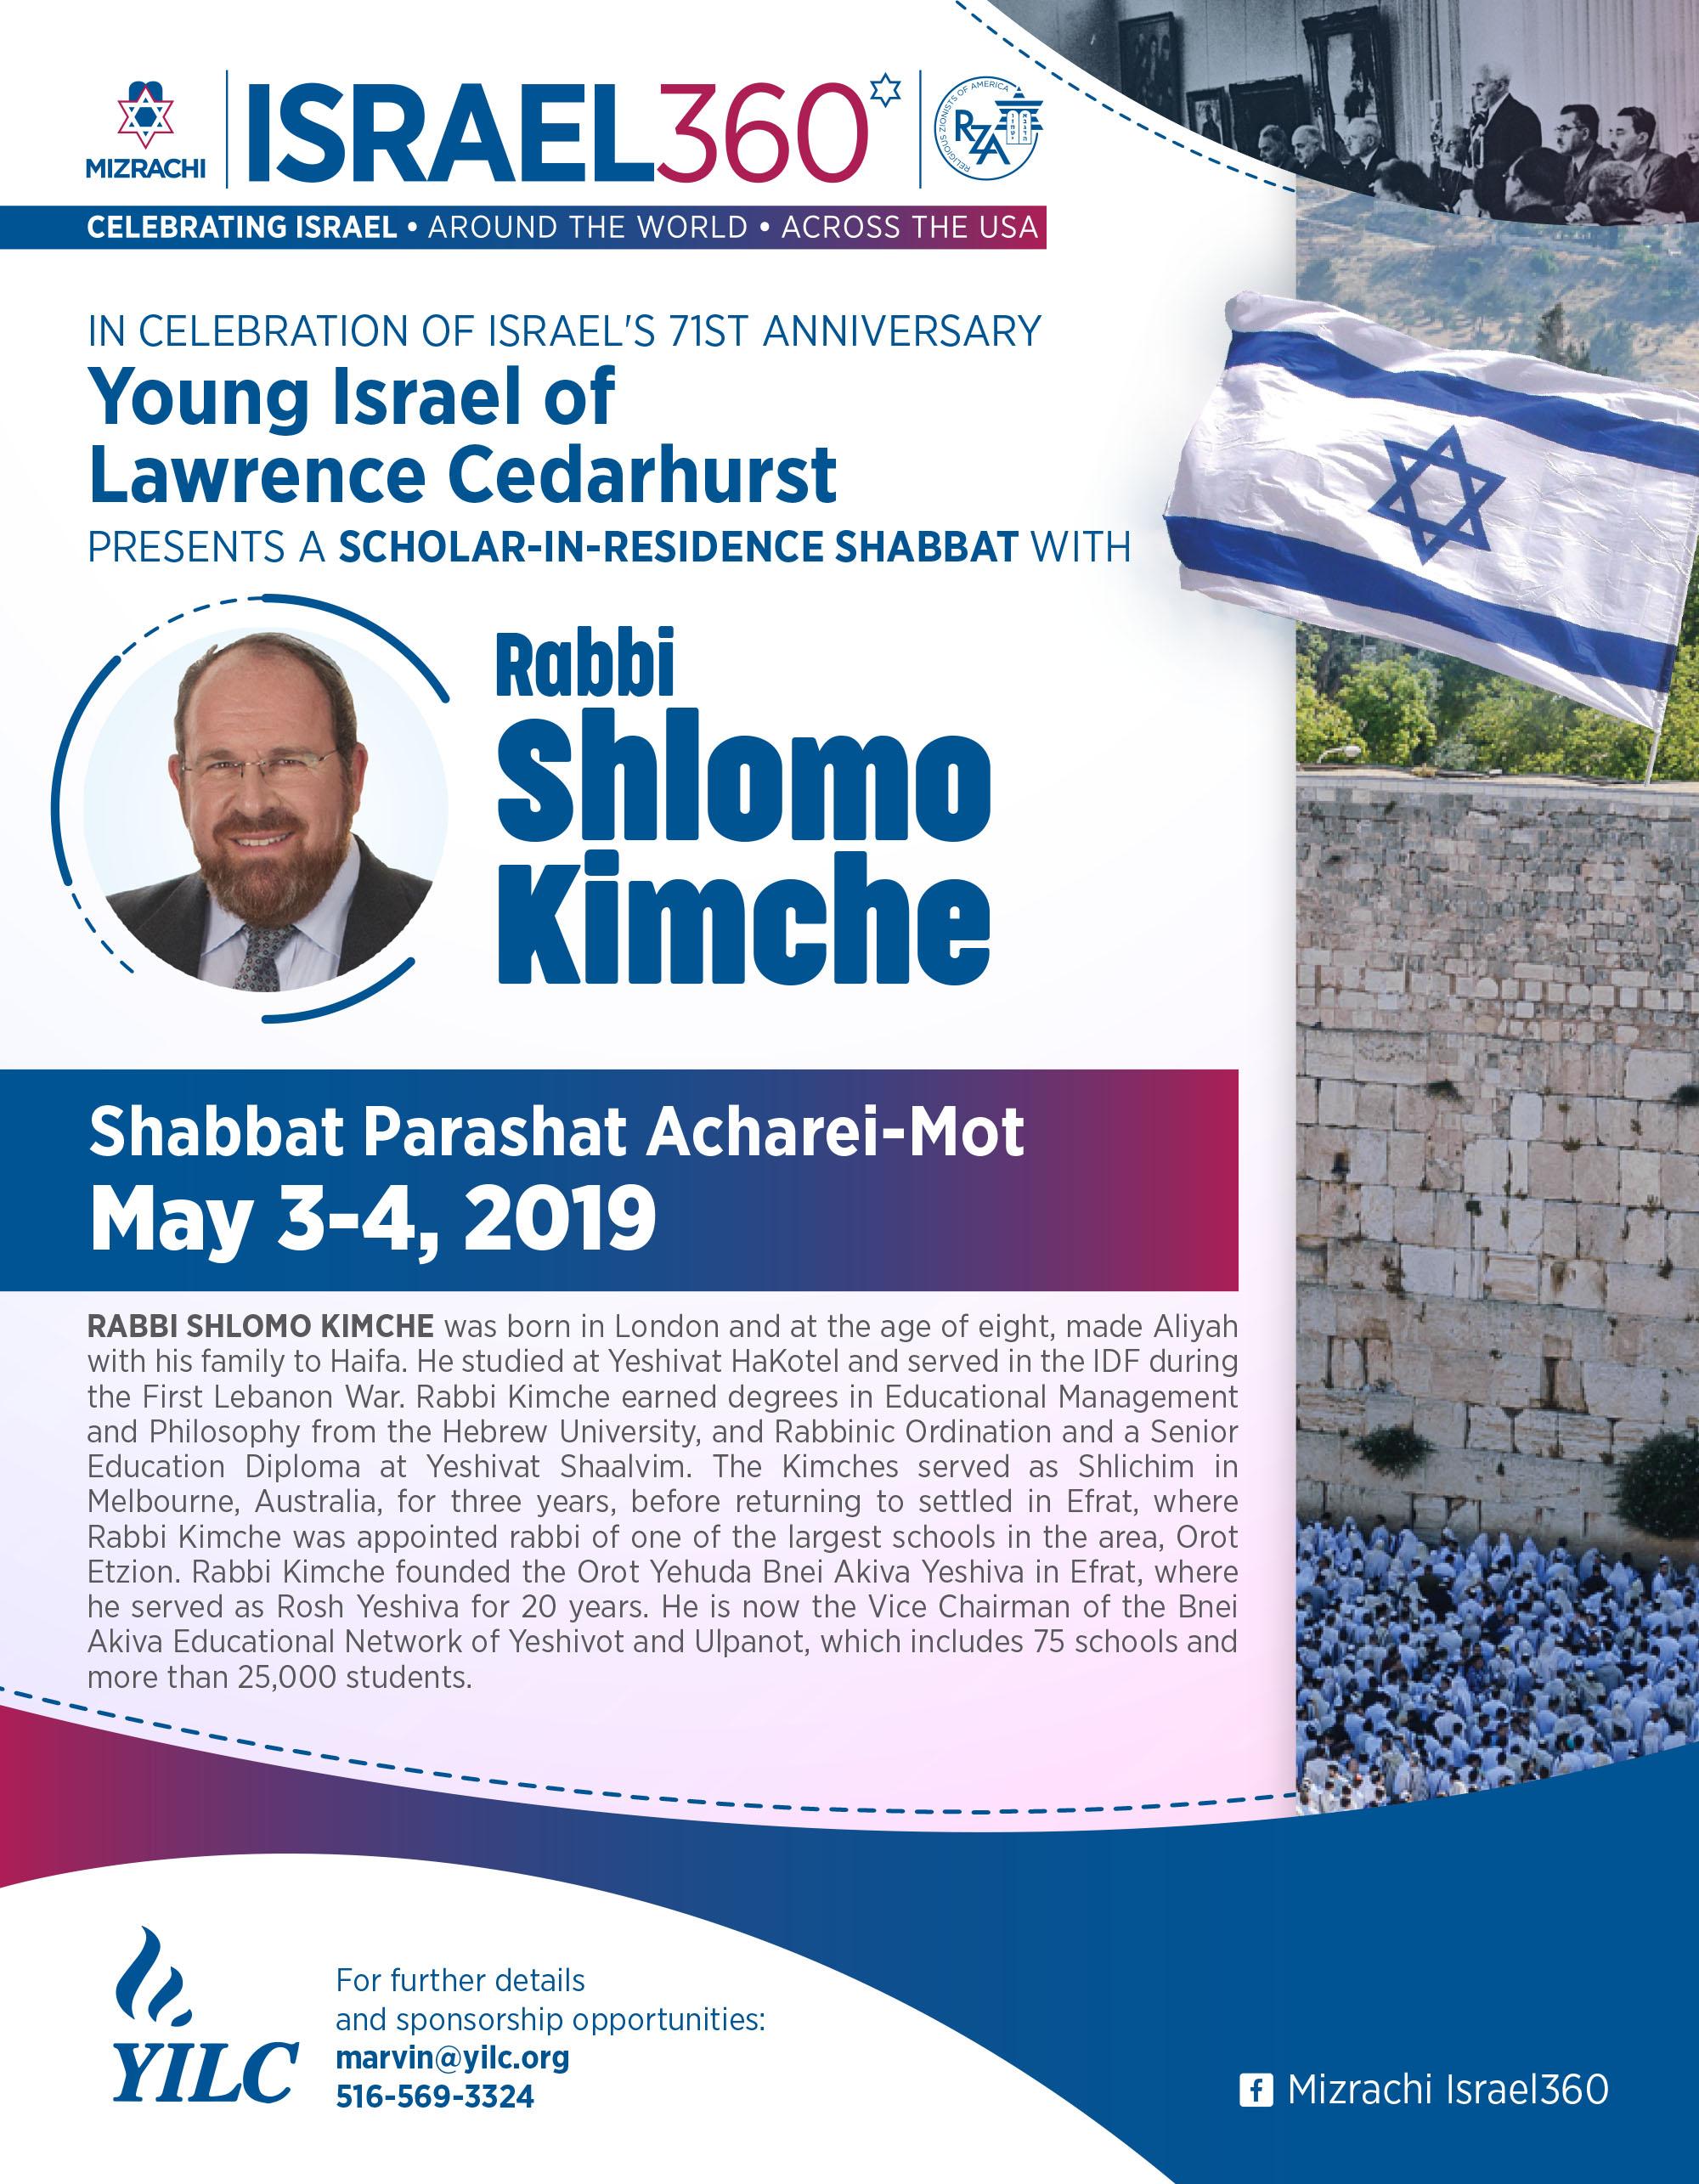 YILC - Rabbi Shlomo Kimche.jpg